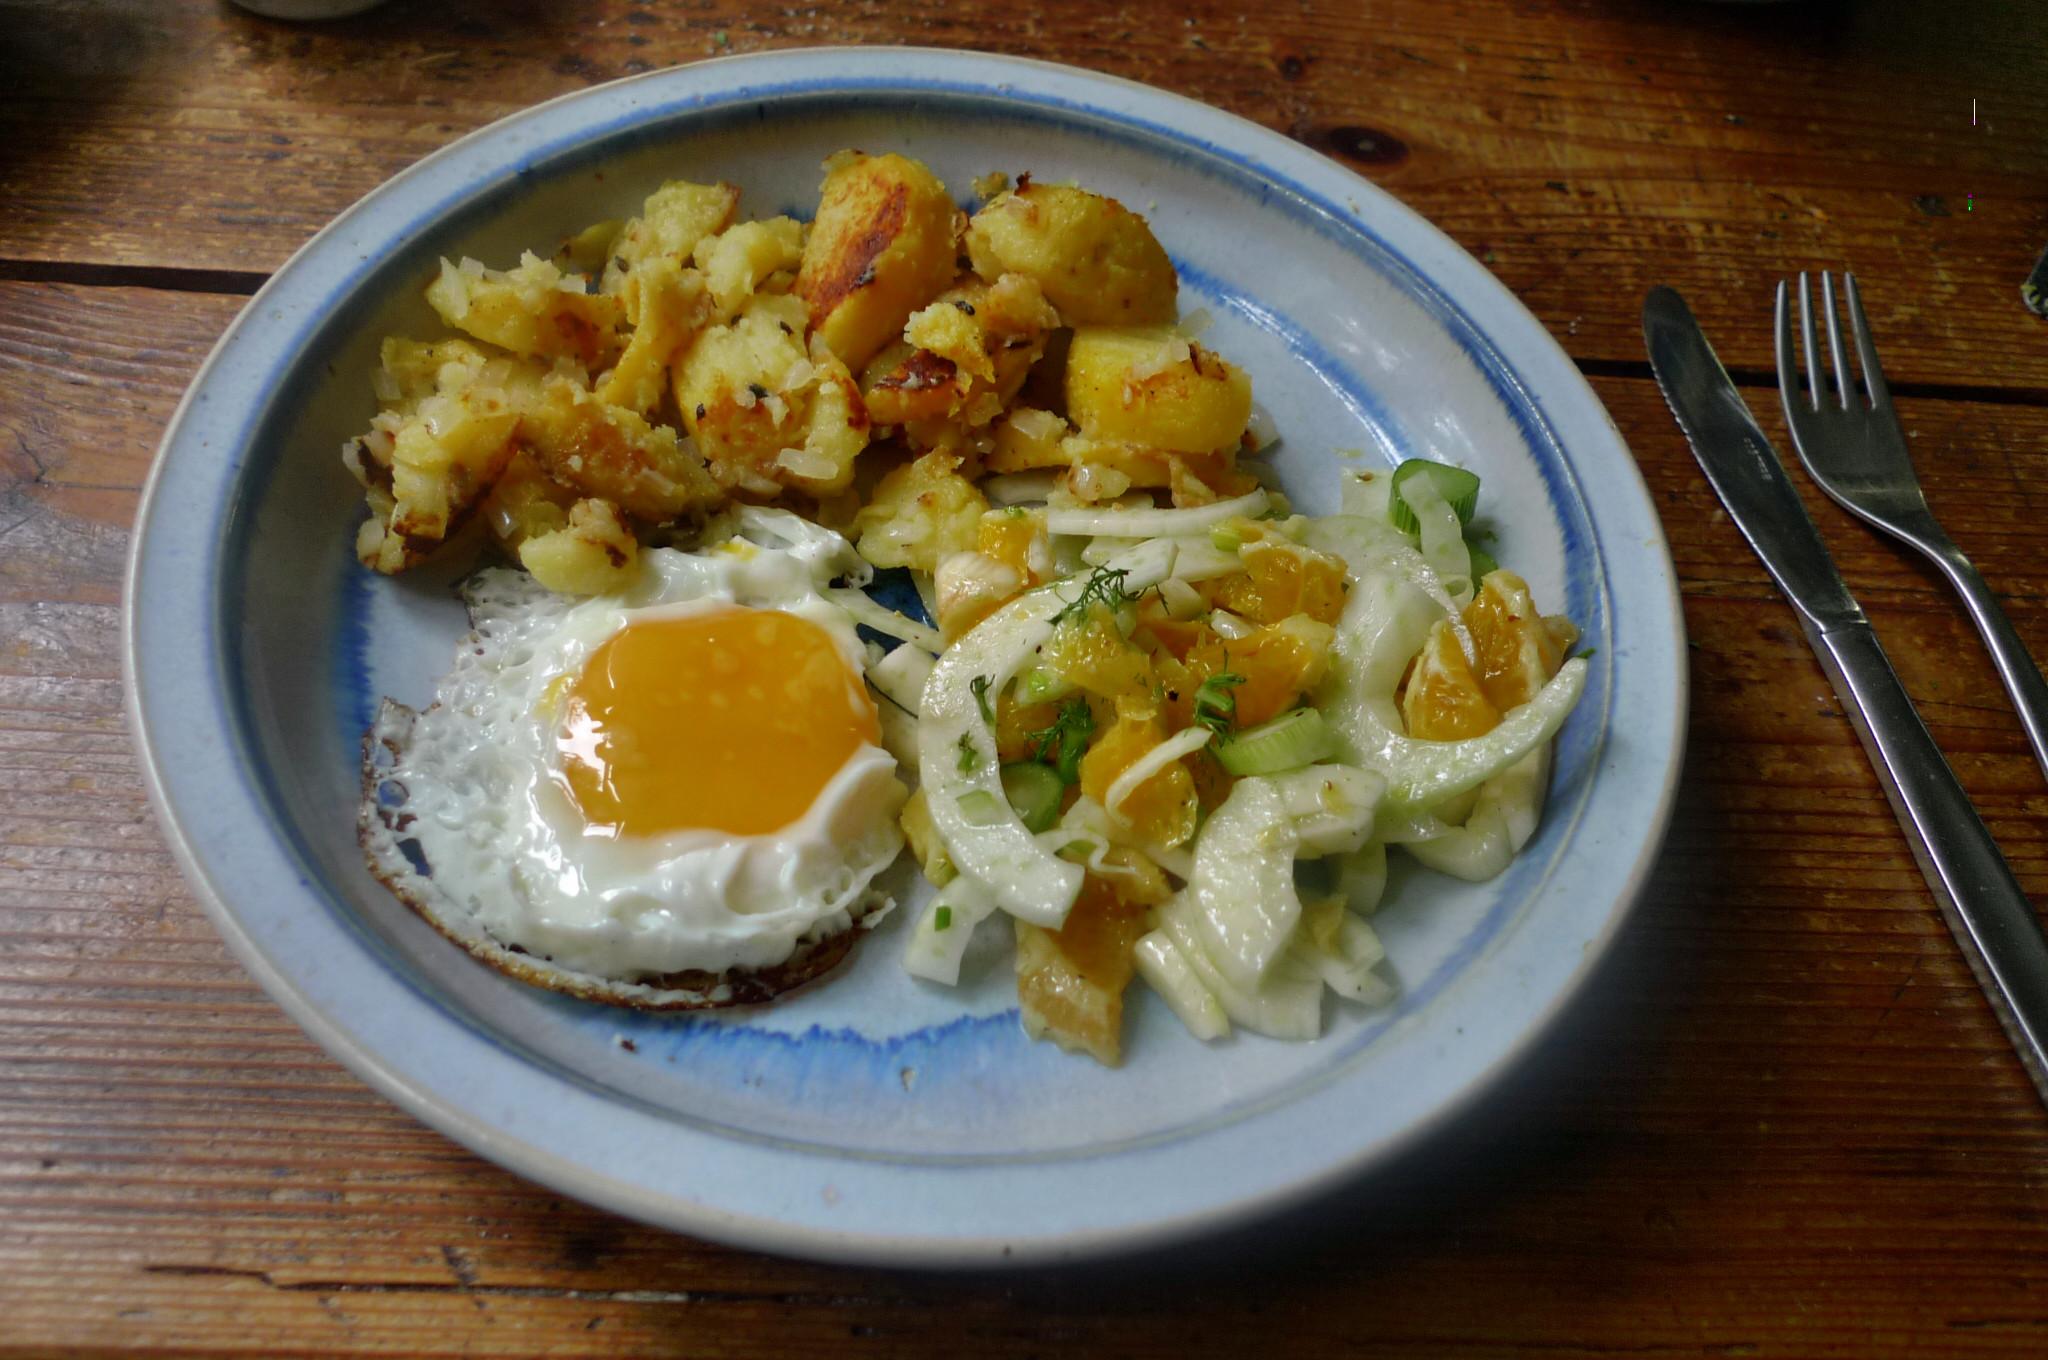 Bratkartoffel,Spiegelei,Fenchelsalat - 24.2.15   (8)